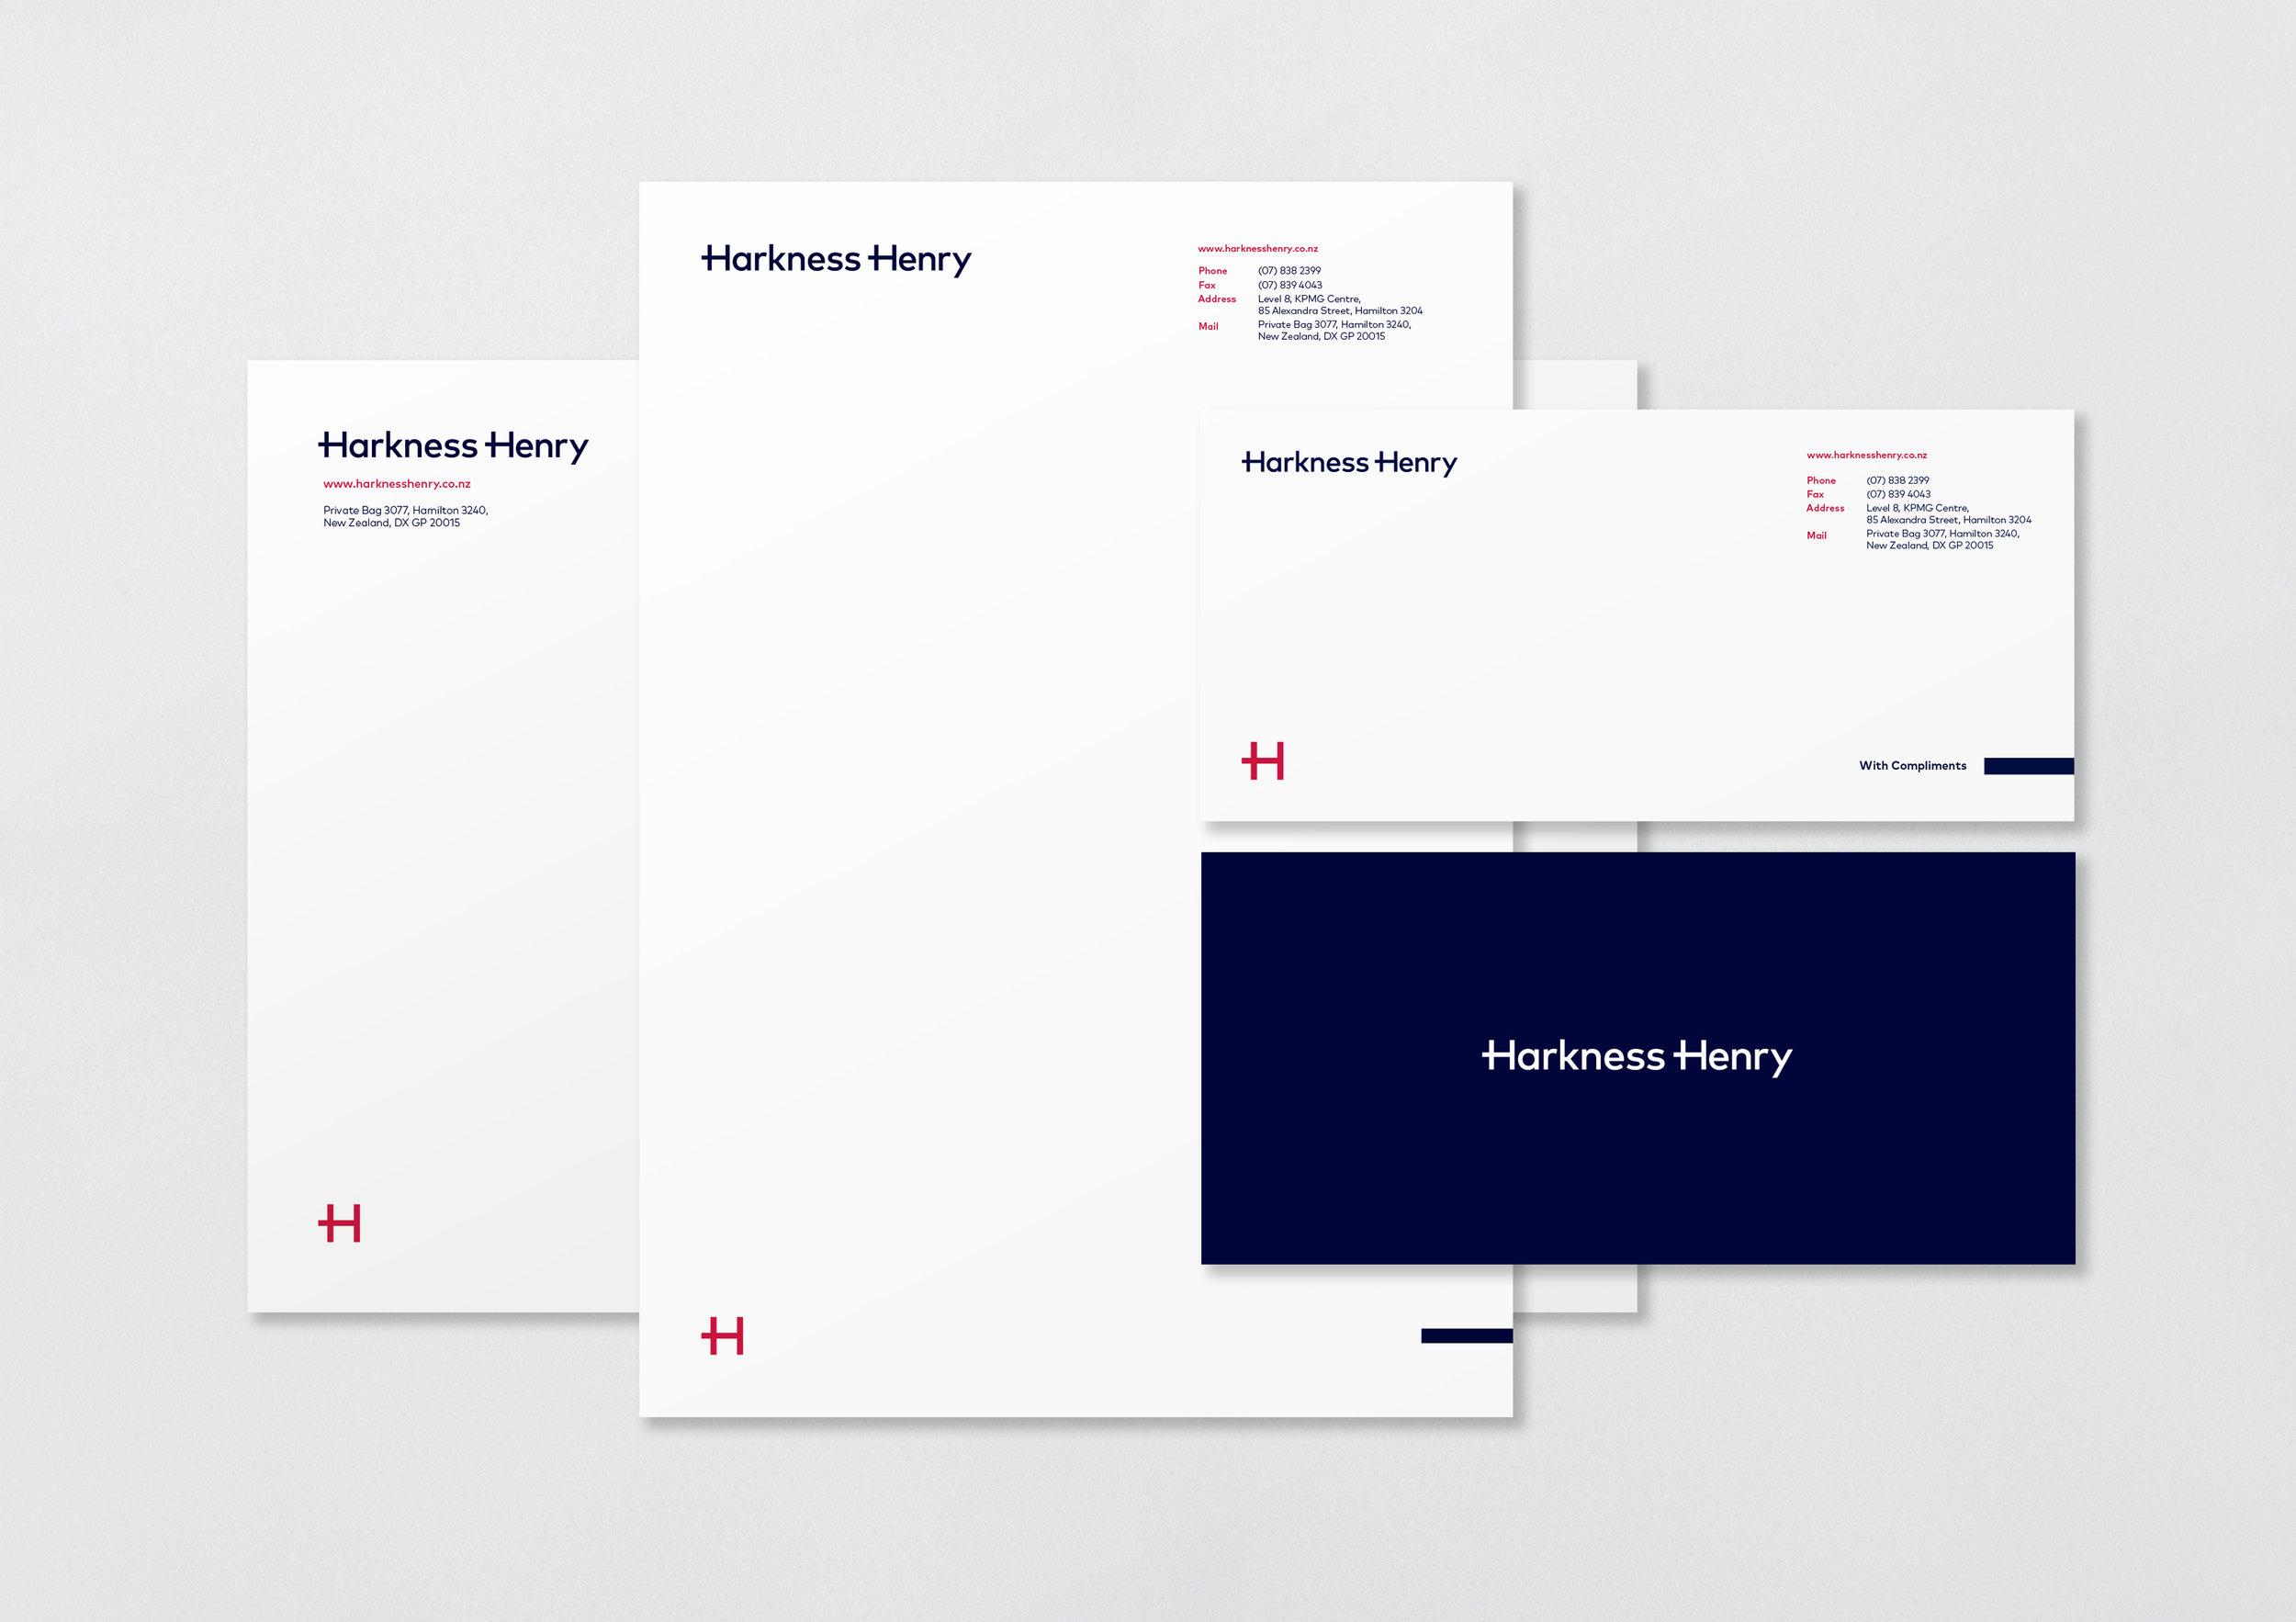 designwell-harknesshenry-branding6.jpg